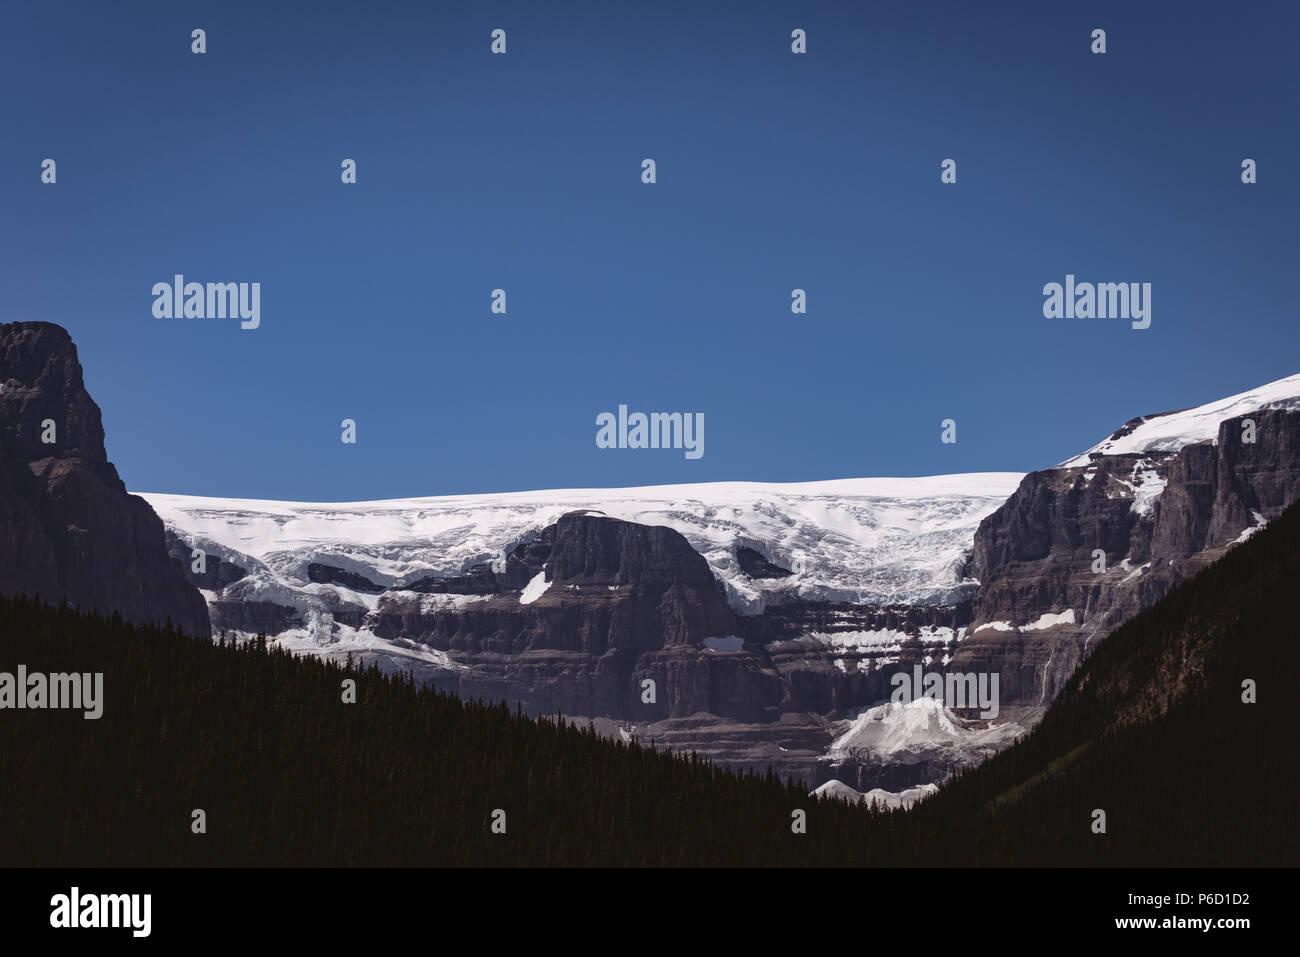 Montagnes enneigées sur une journée ensoleillée Banque D'Images